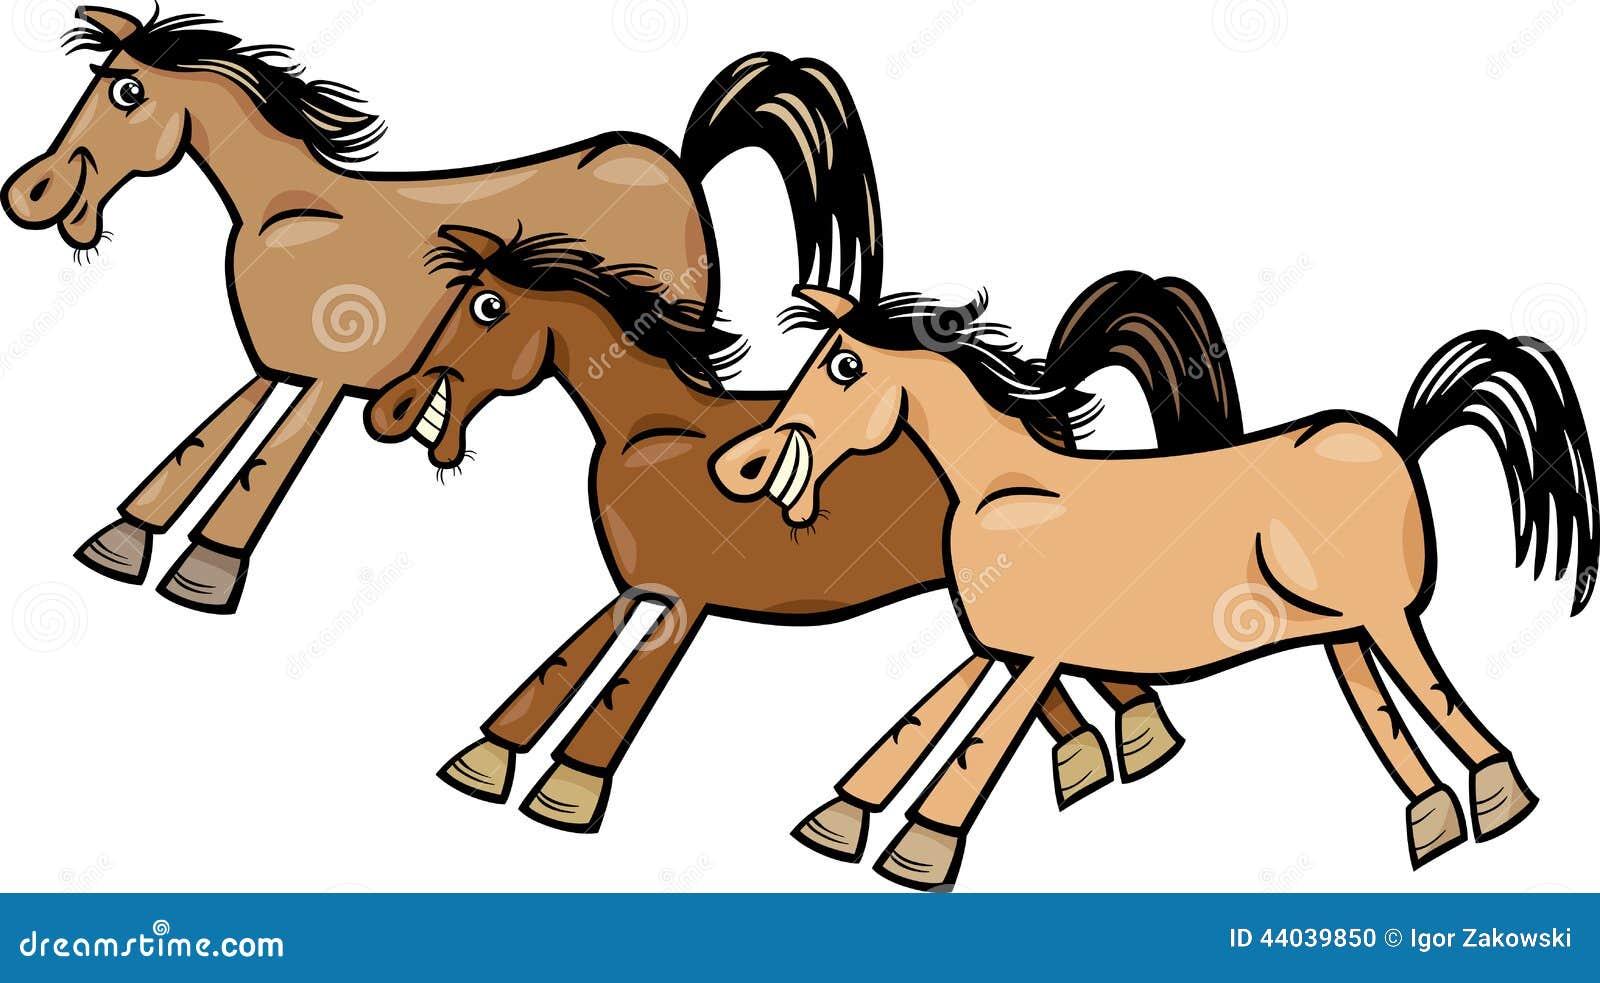 horses or mustangs cartoon illustration stock vector illustration rh dreamstime com cartoon pictures of horses legs cartoon pictures of horses stuck in snow